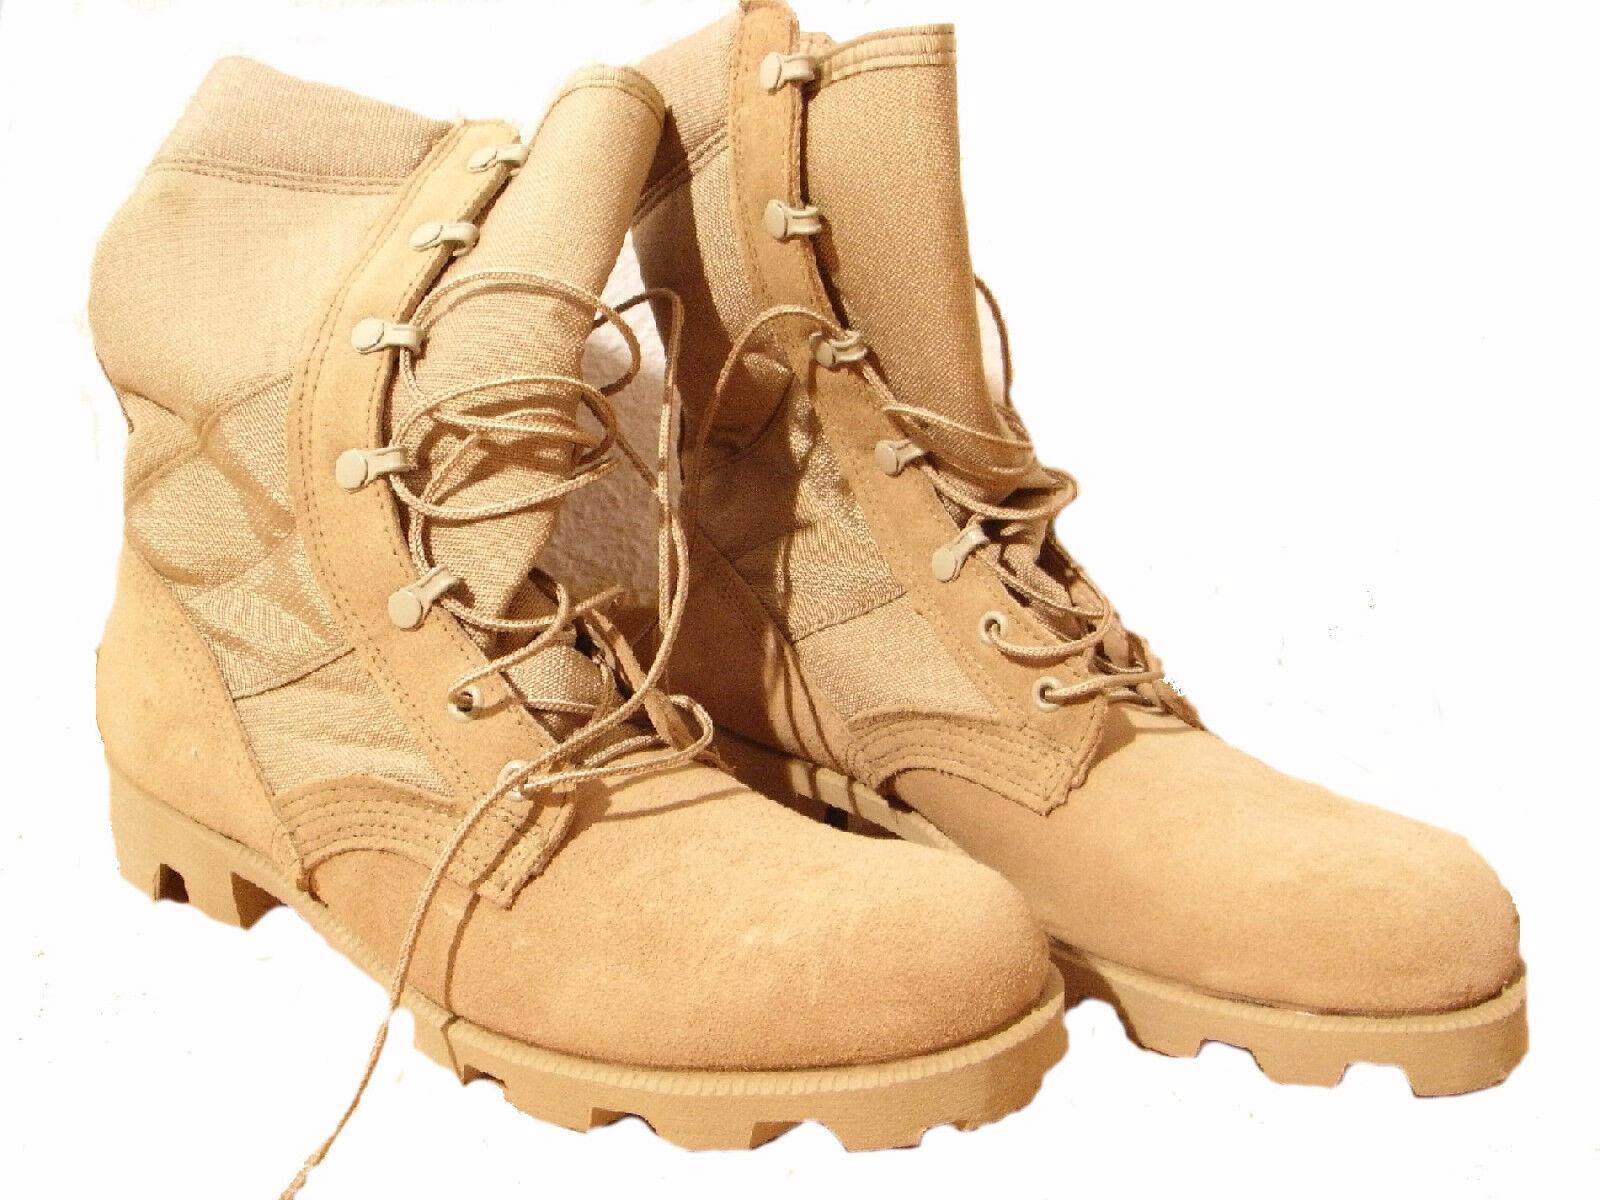 Desert Boots / Wüsten Stiefel US 5N EU37 US Wüstenstiefel Militär Stiefel